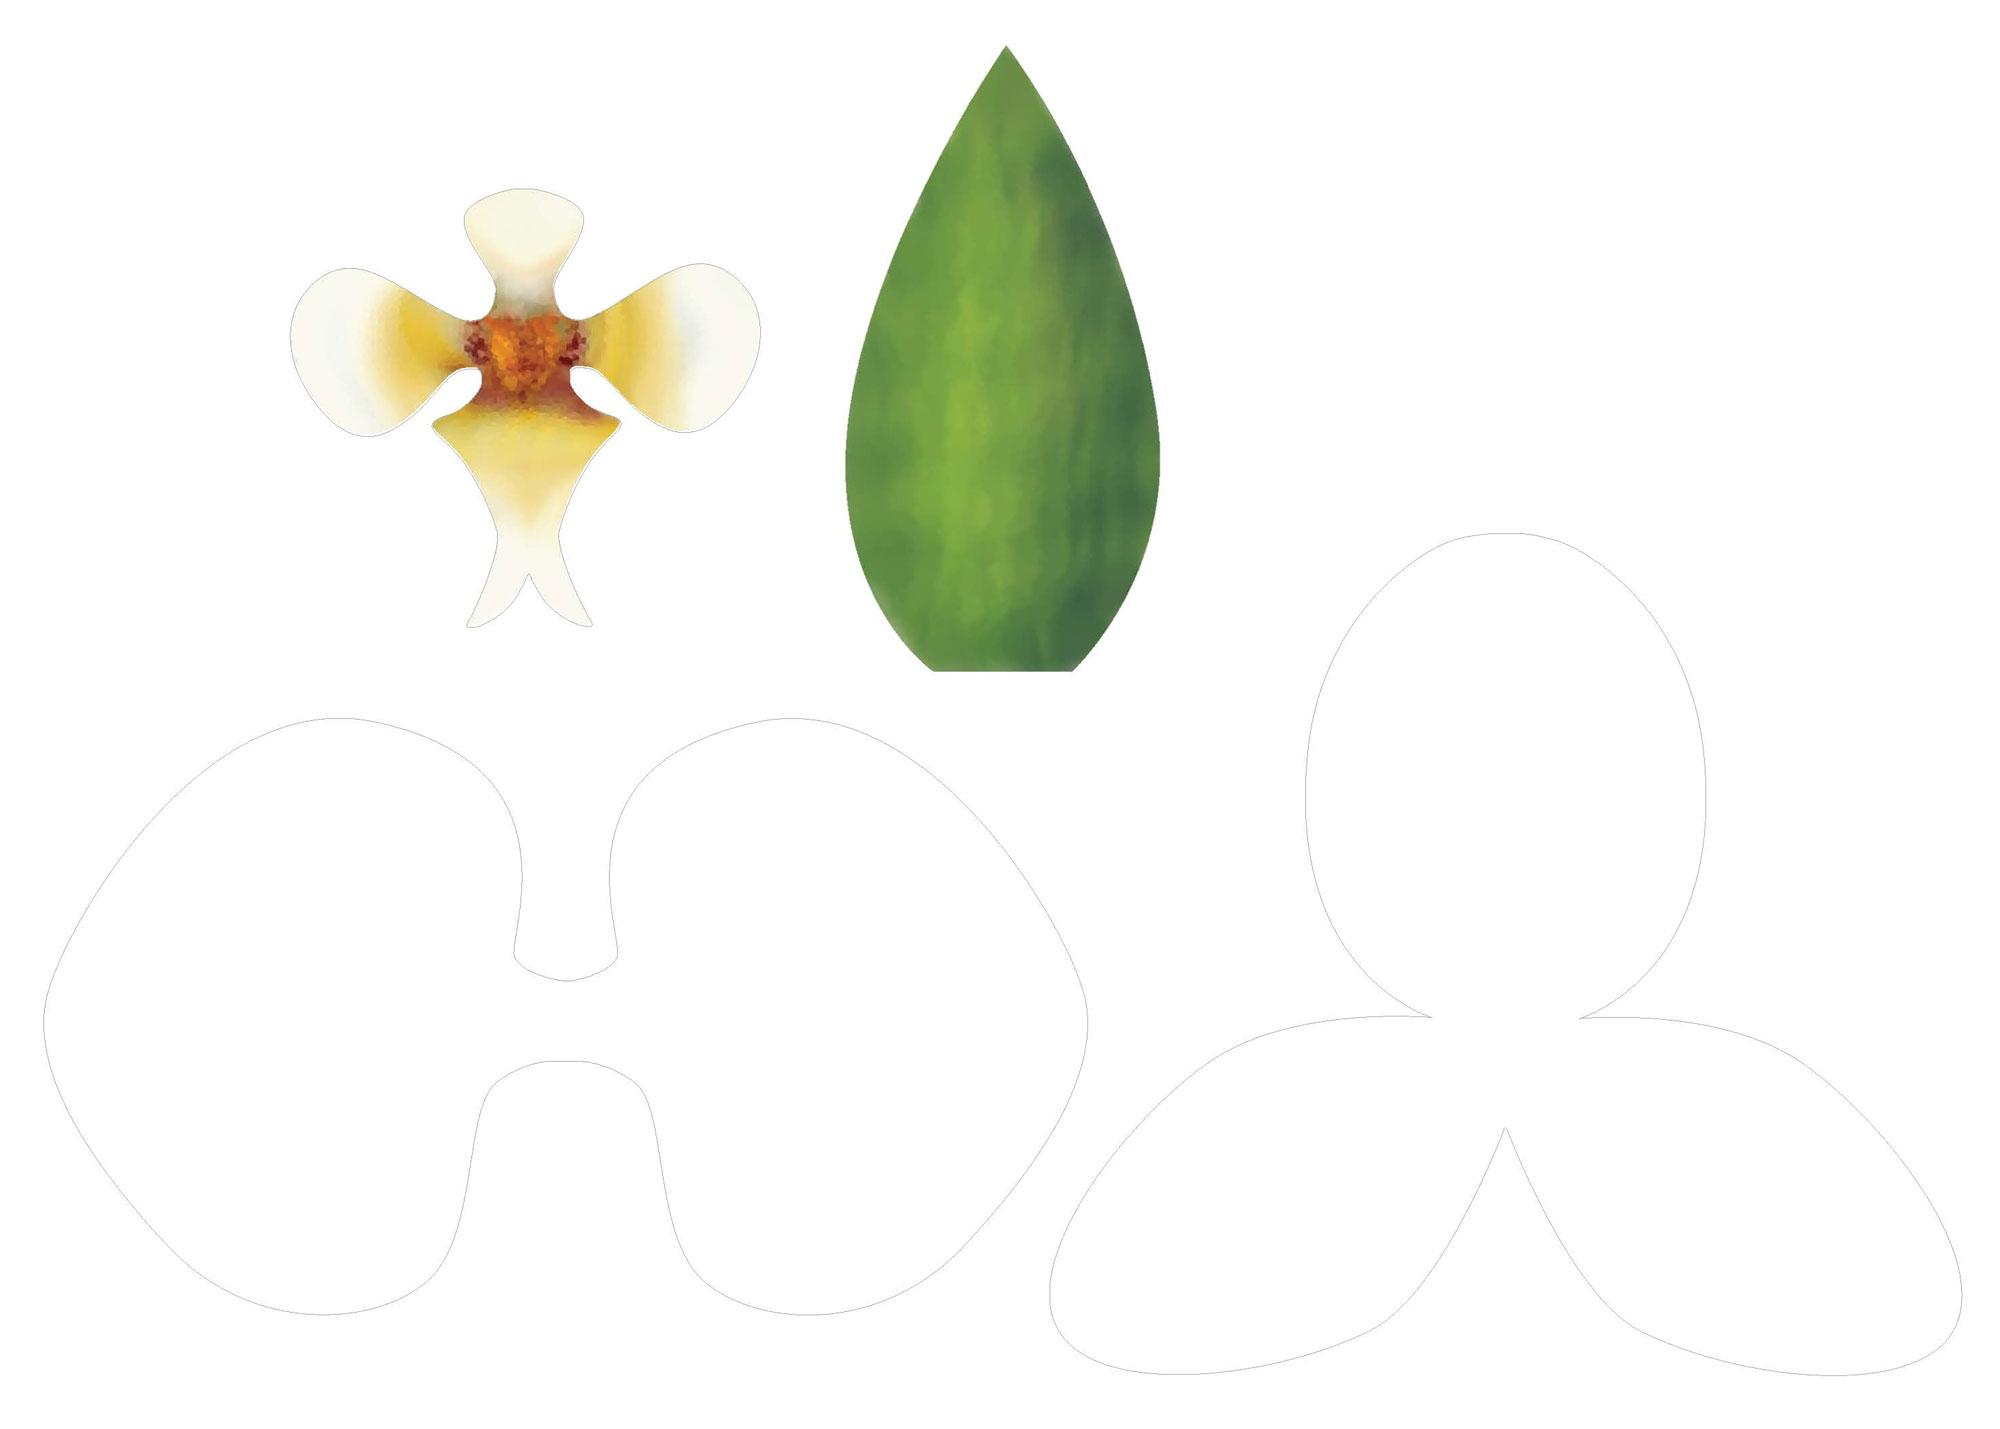 ایده های خلاقانه برای تزیین کادو و هدیه با وسایل ساده